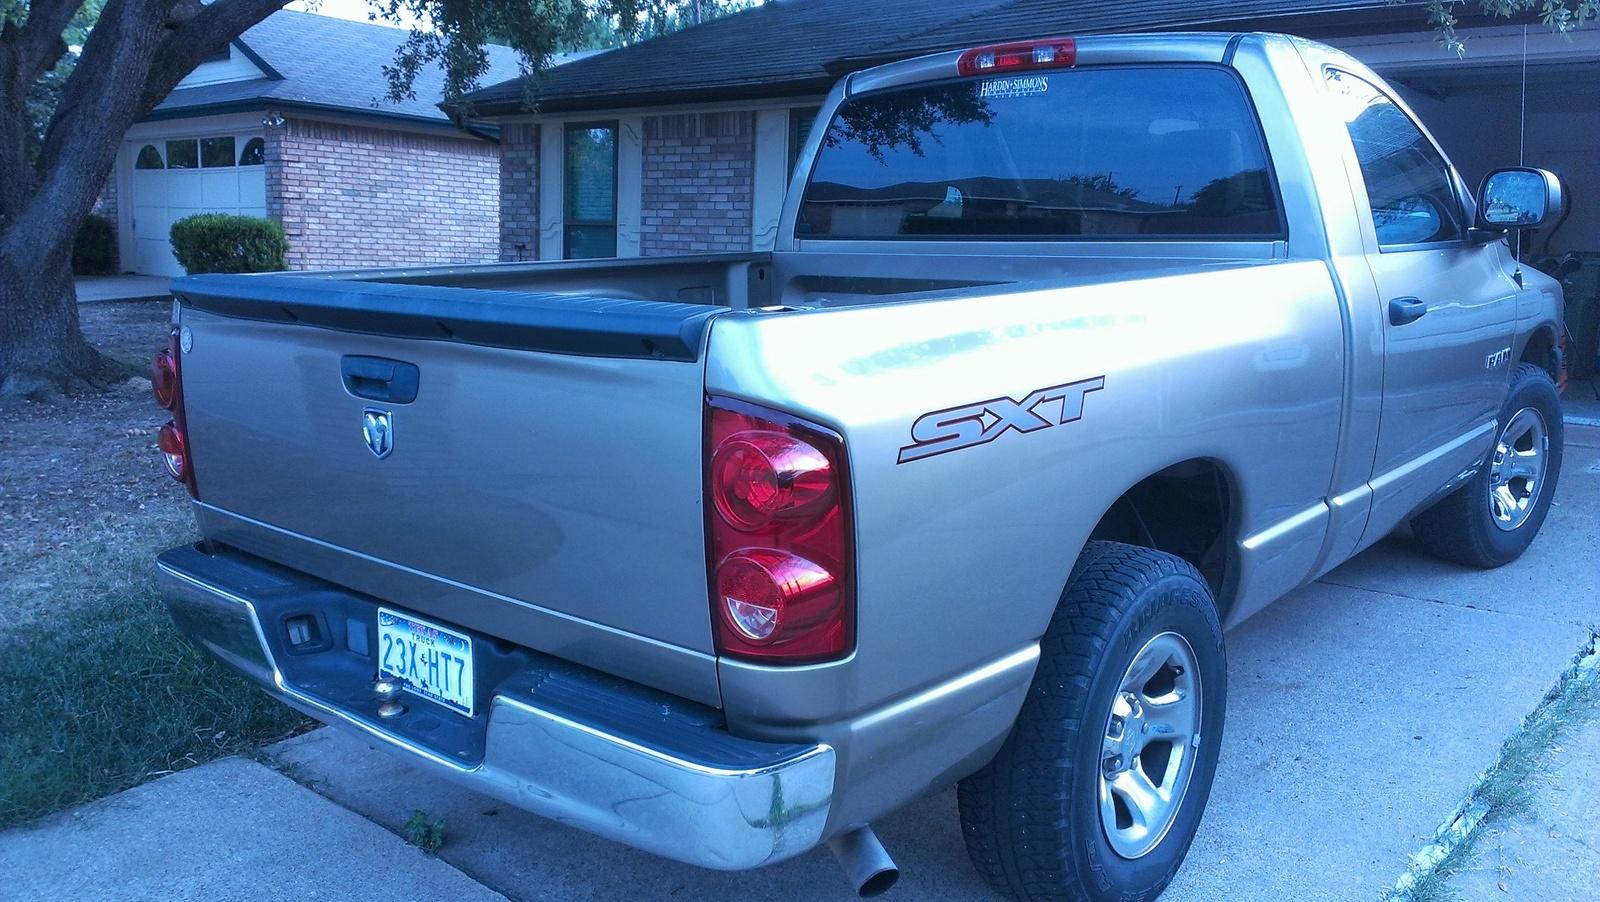 2008 dodge ram pickup 1500 trim information cargurus. Black Bedroom Furniture Sets. Home Design Ideas